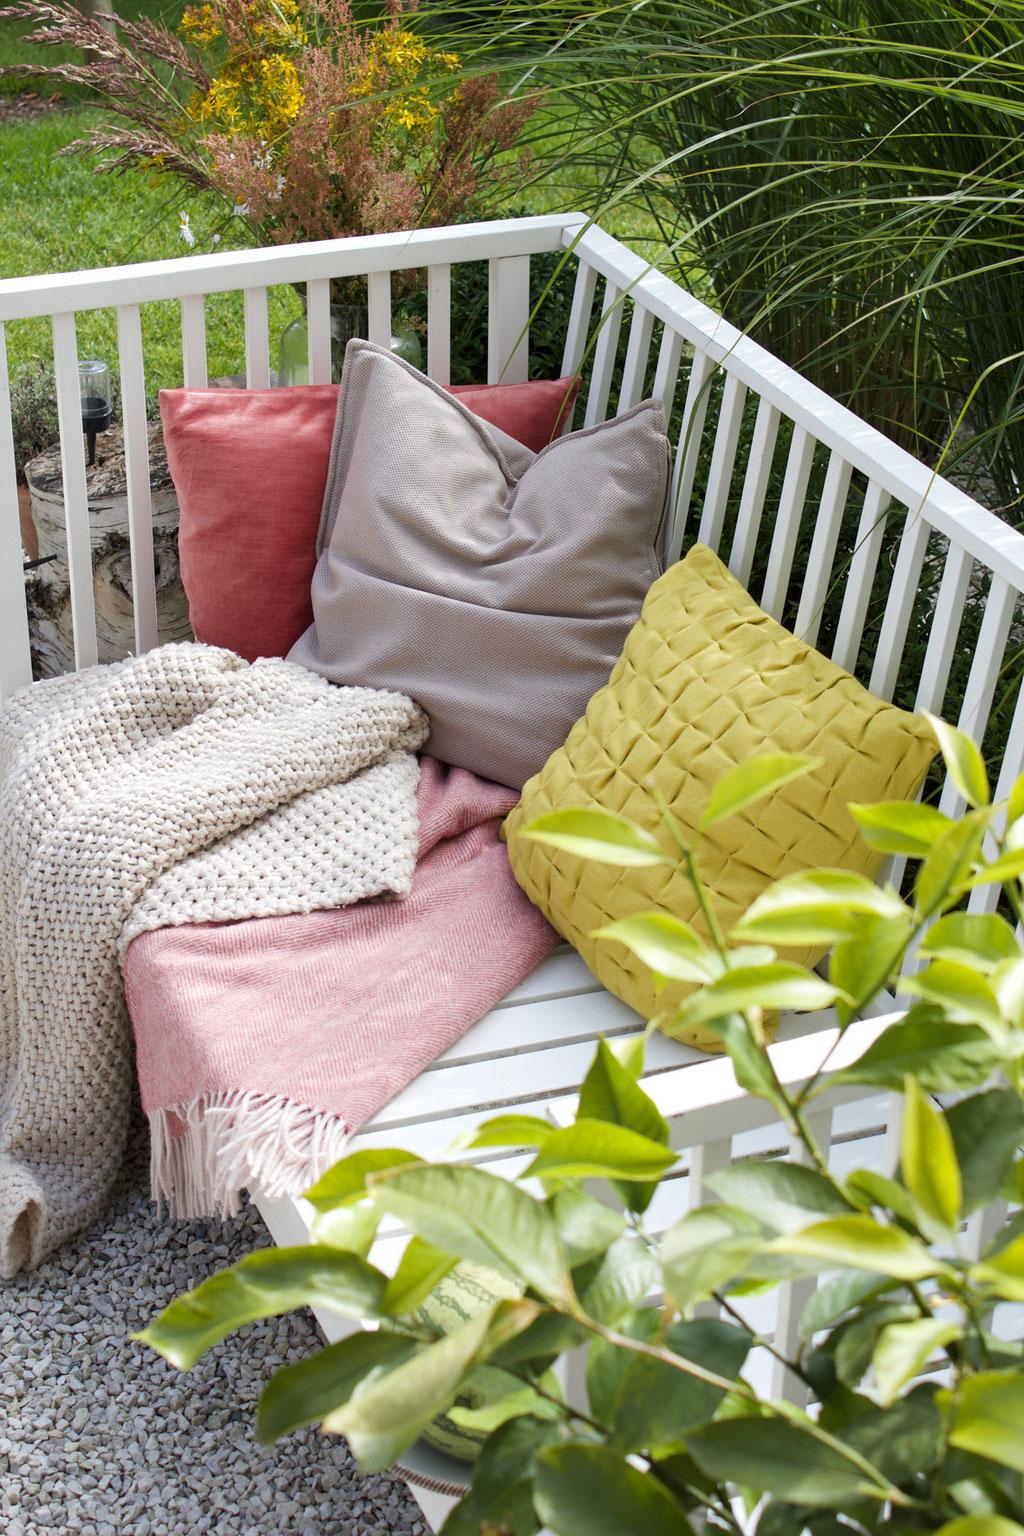 dieartigeBLOG - Weiße Gartenbank mit Kissen in Rosa und Limonengelb, Wolldecken, Kies-Terrasse